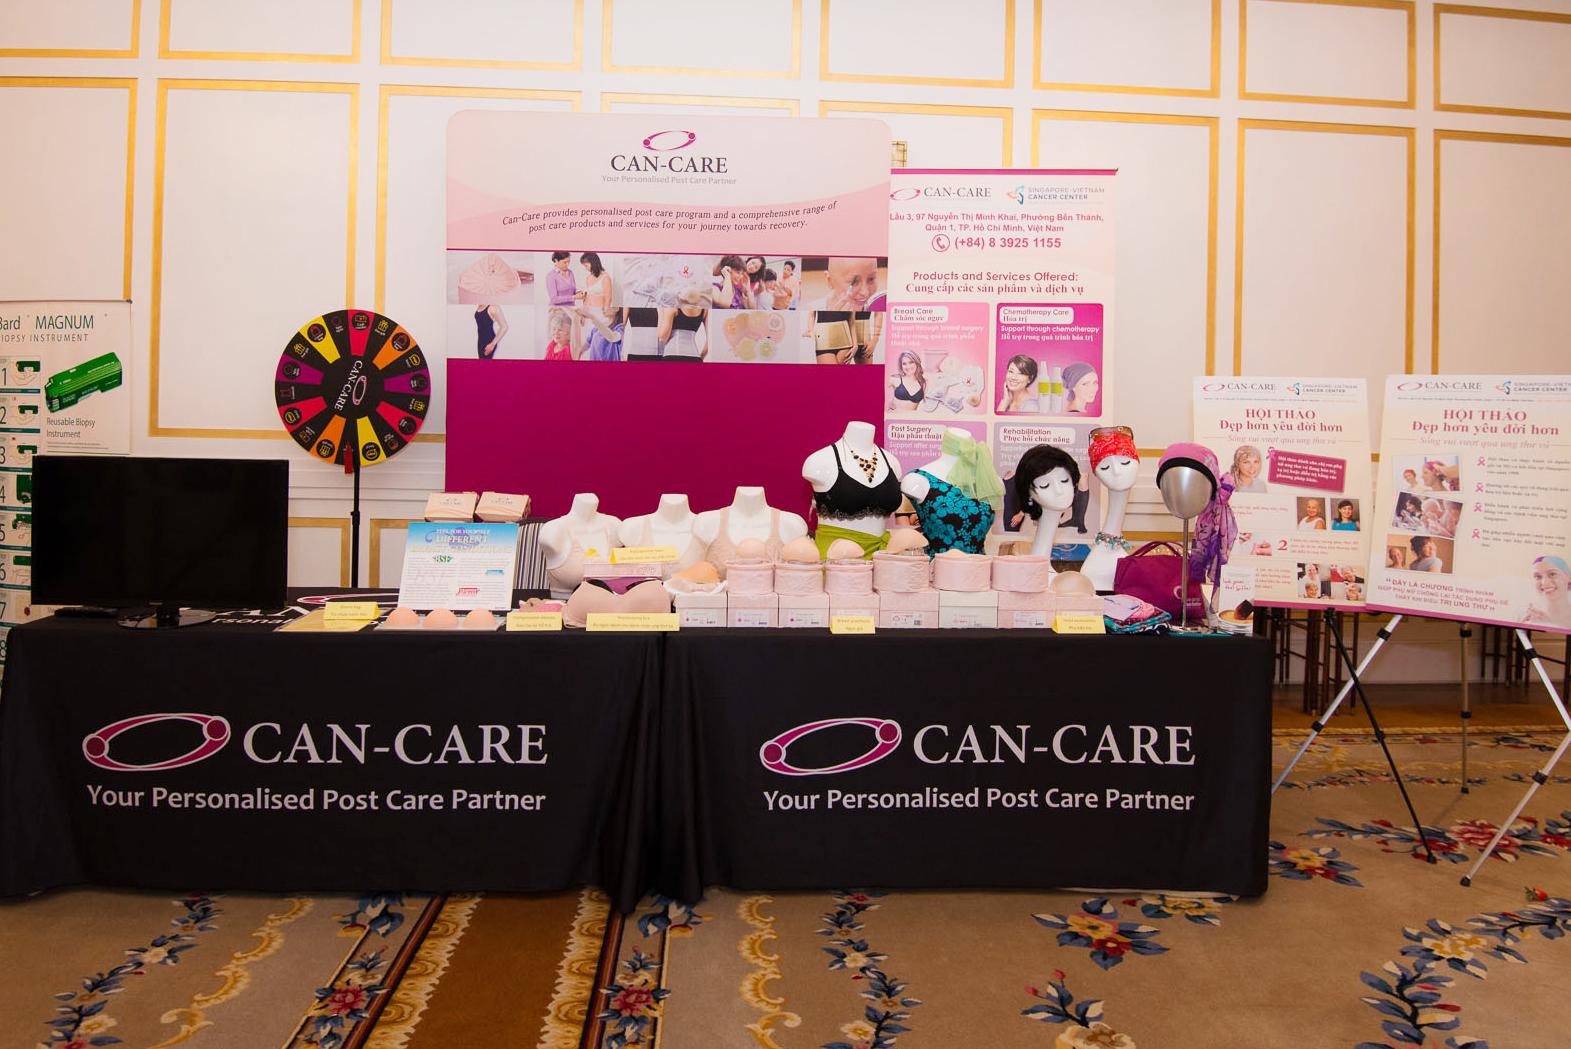 Phòng khám Ung bướu Singapore - Việt Nam (SVCC) hợp tác với Can-Care.